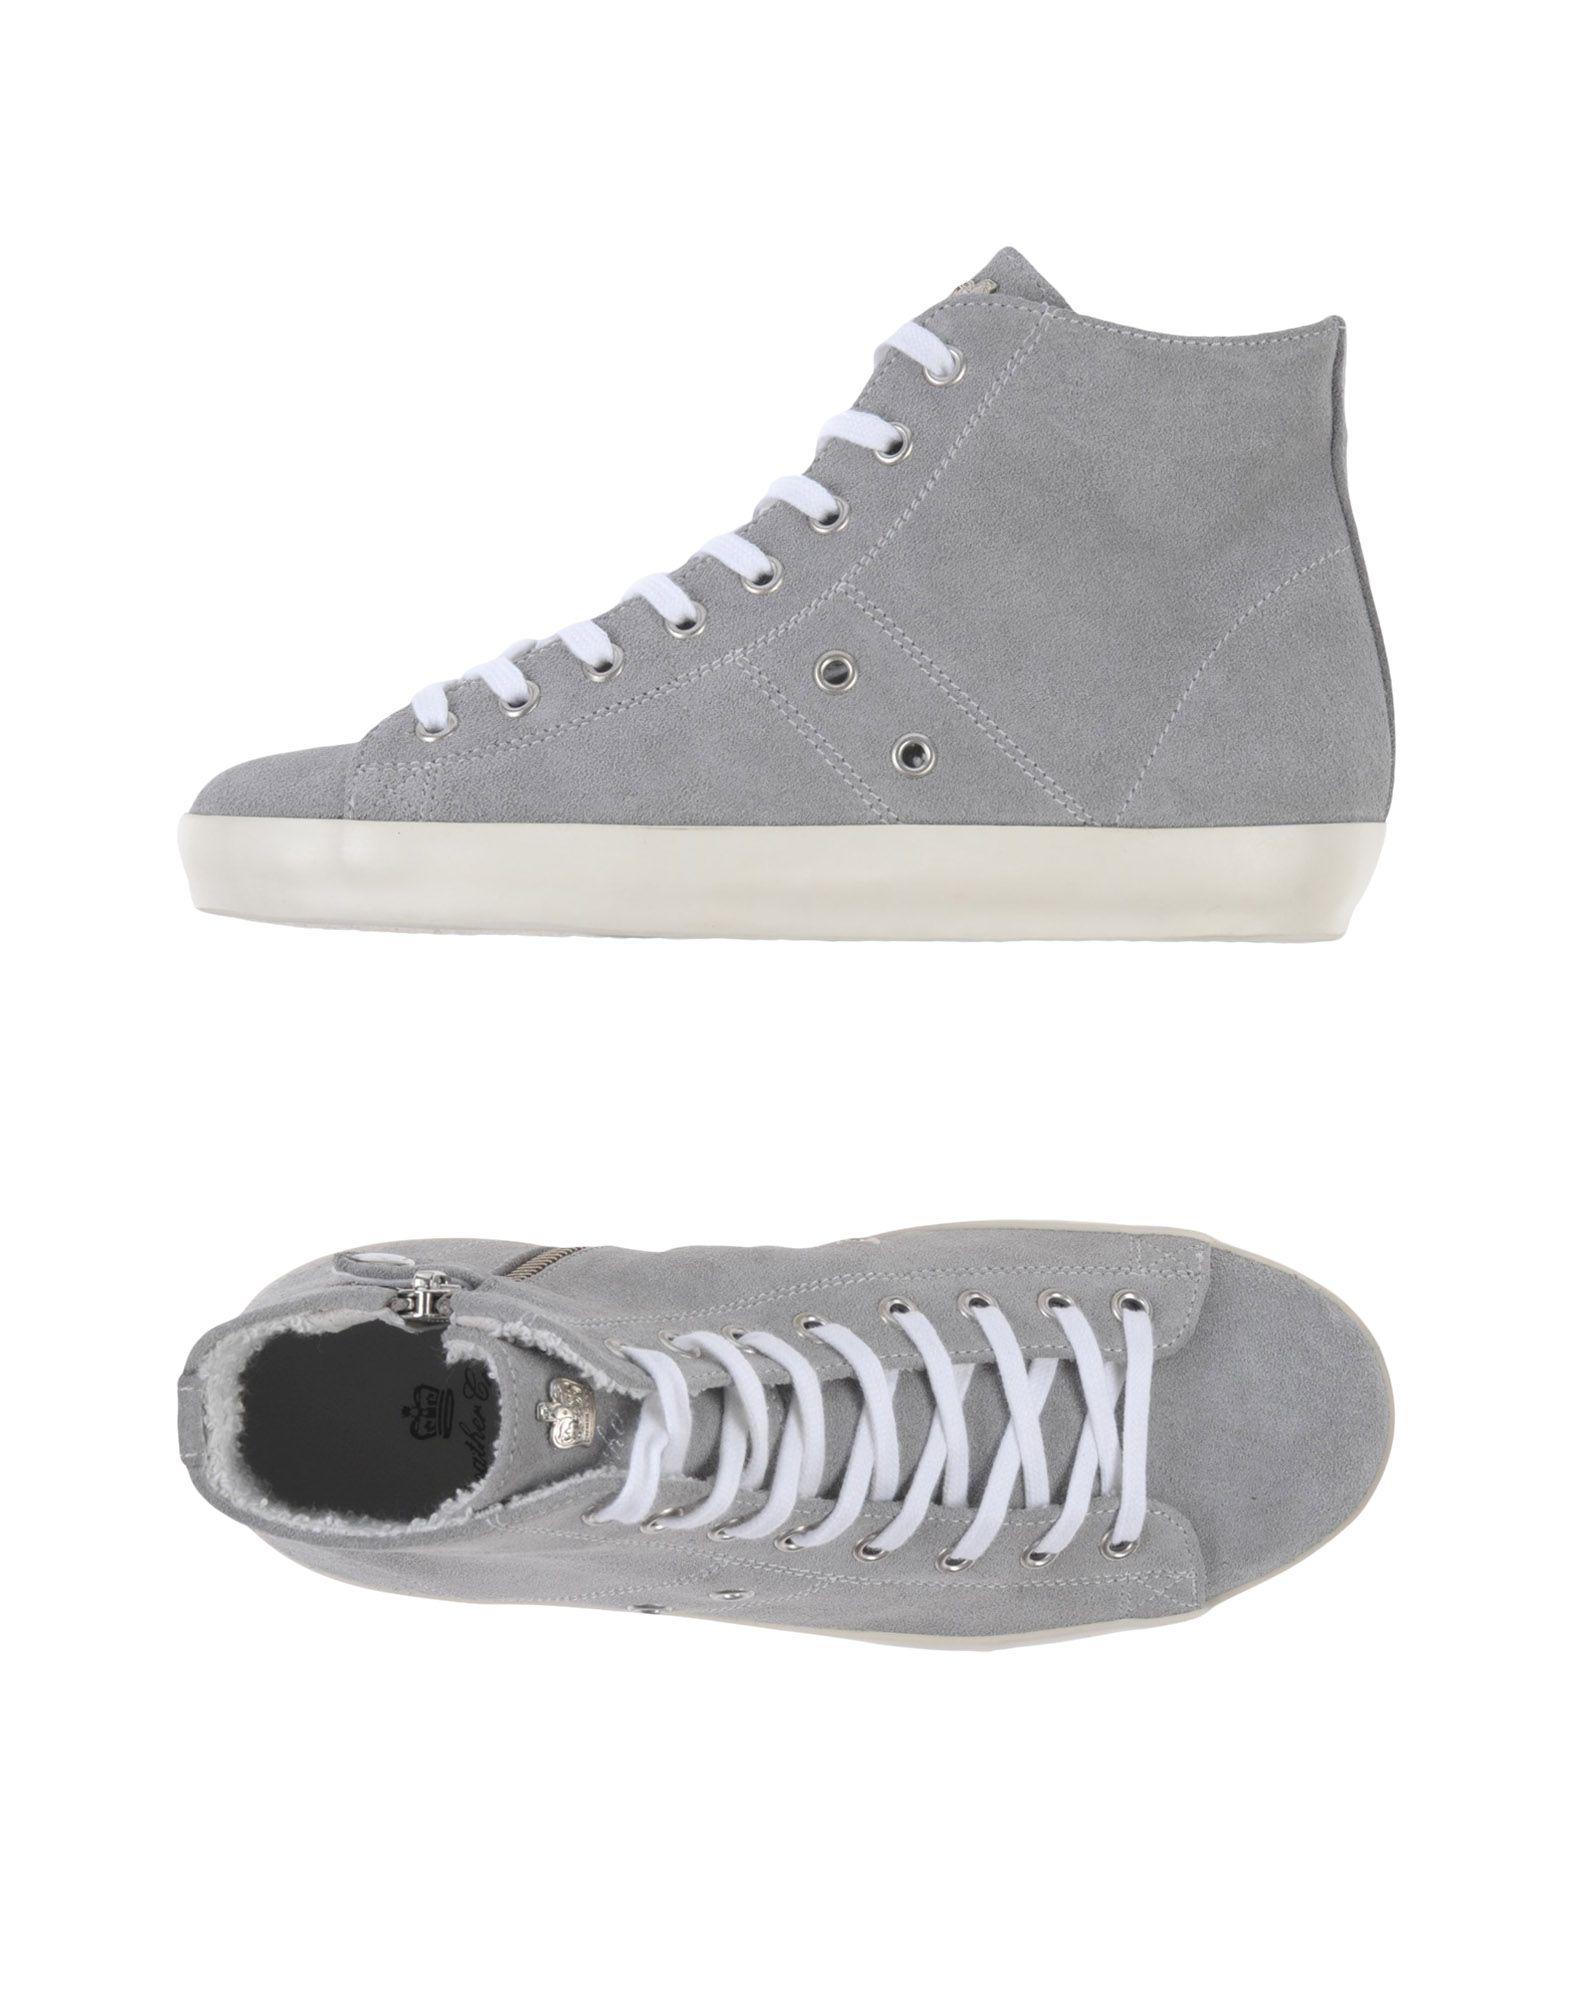 LEATHER CROWN Jungen 9-16 jahre High Sneakers & Tennisschuhe Farbe Grau Größe 17 jetztbilligerkaufen